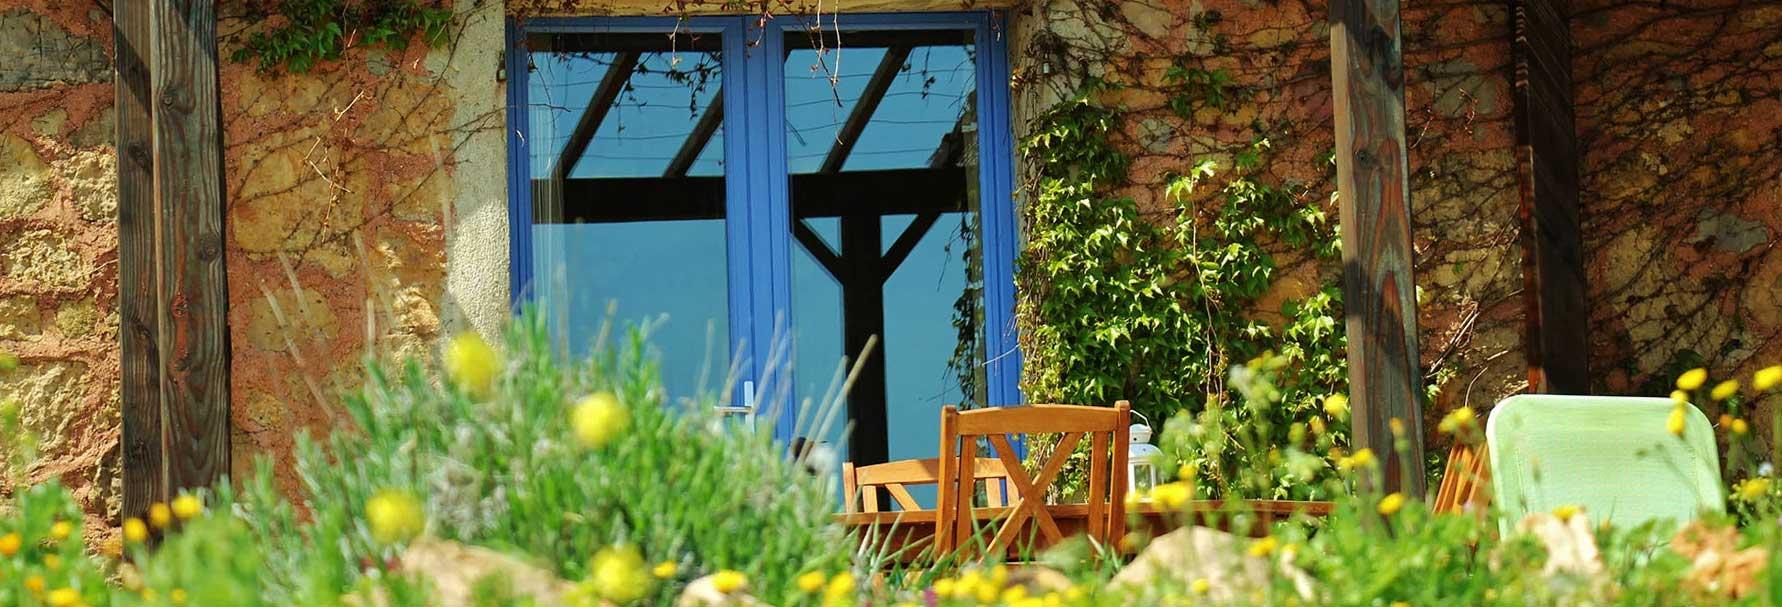 Belle terrasse privative et fleurie au printemps